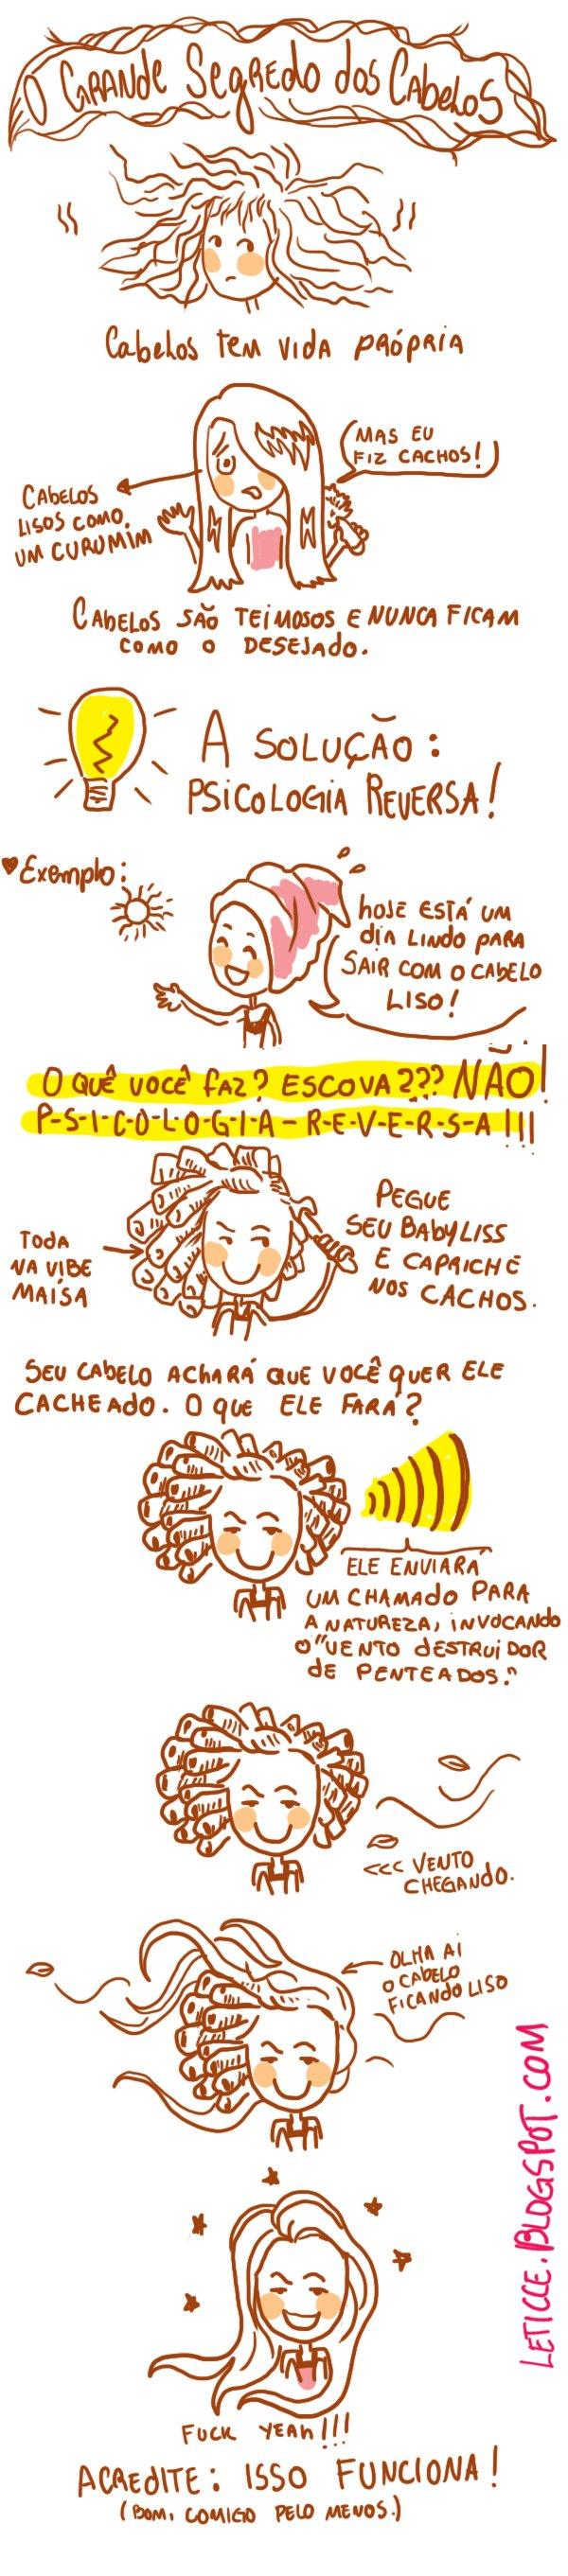 O grande segredo dos cabelos